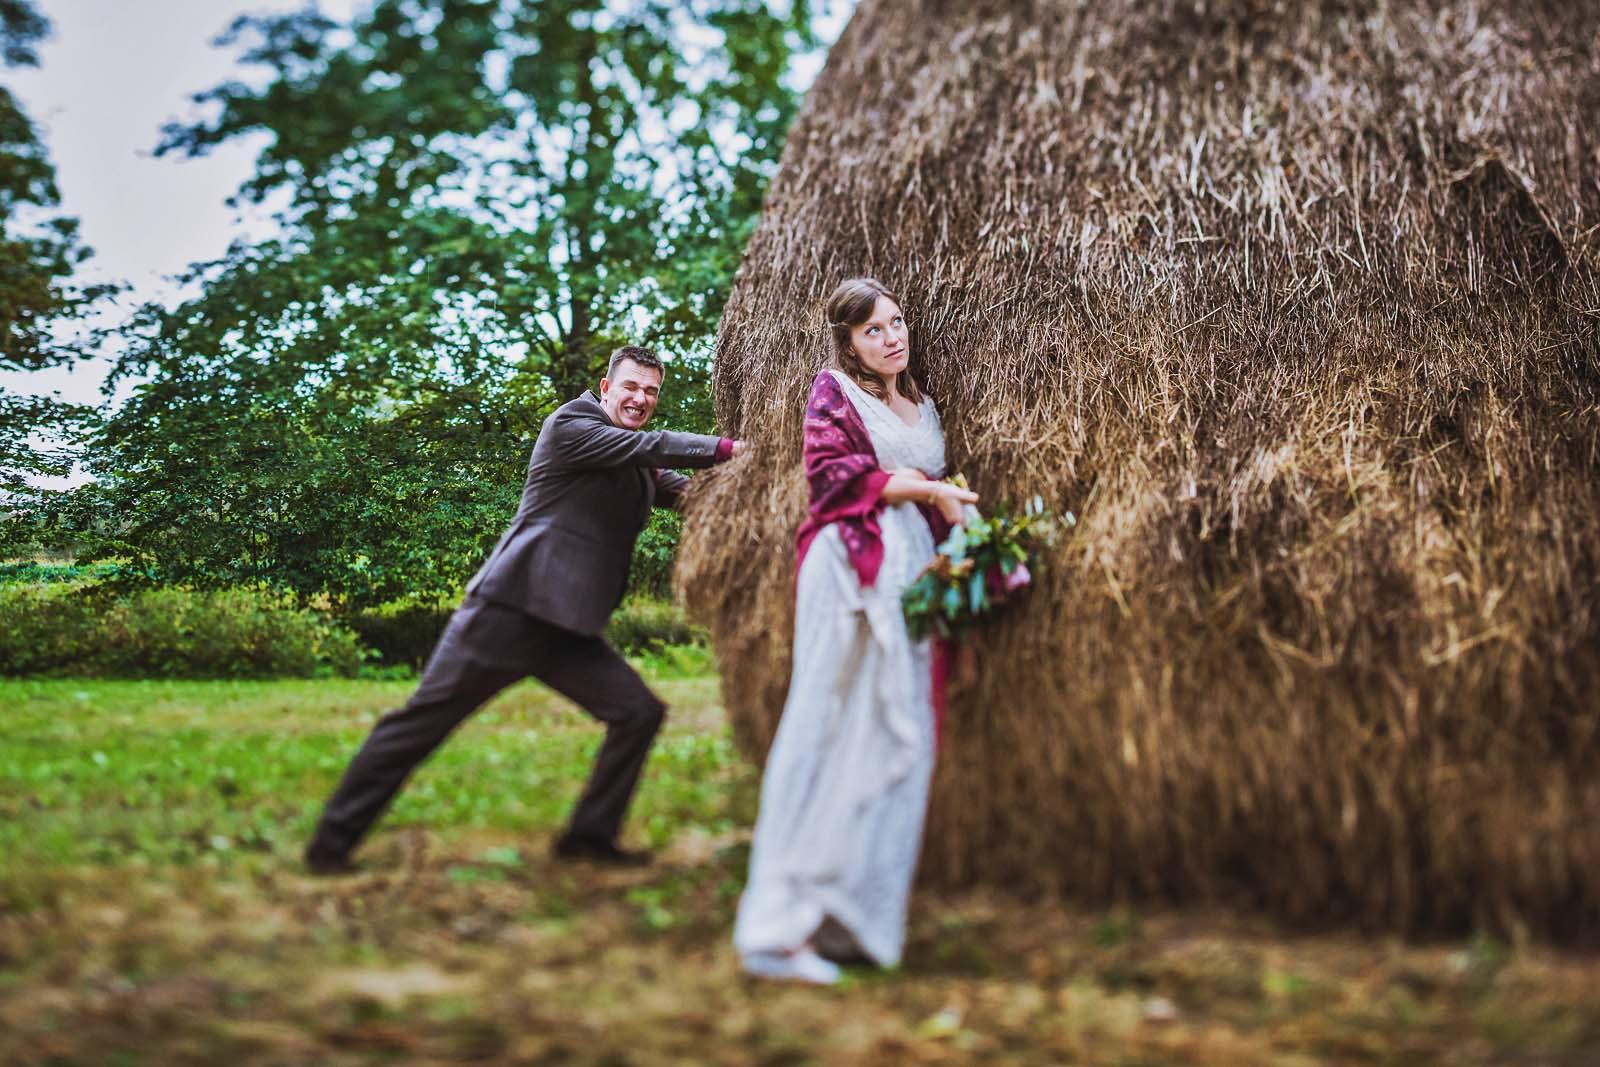 08-Brautpaar-mit-Heuhaufen-fotografiert-vom-Hochzeitsfotograf-Spreewald Hochzeitsfotograf © www.hochzeitsfotograf-berlin.net